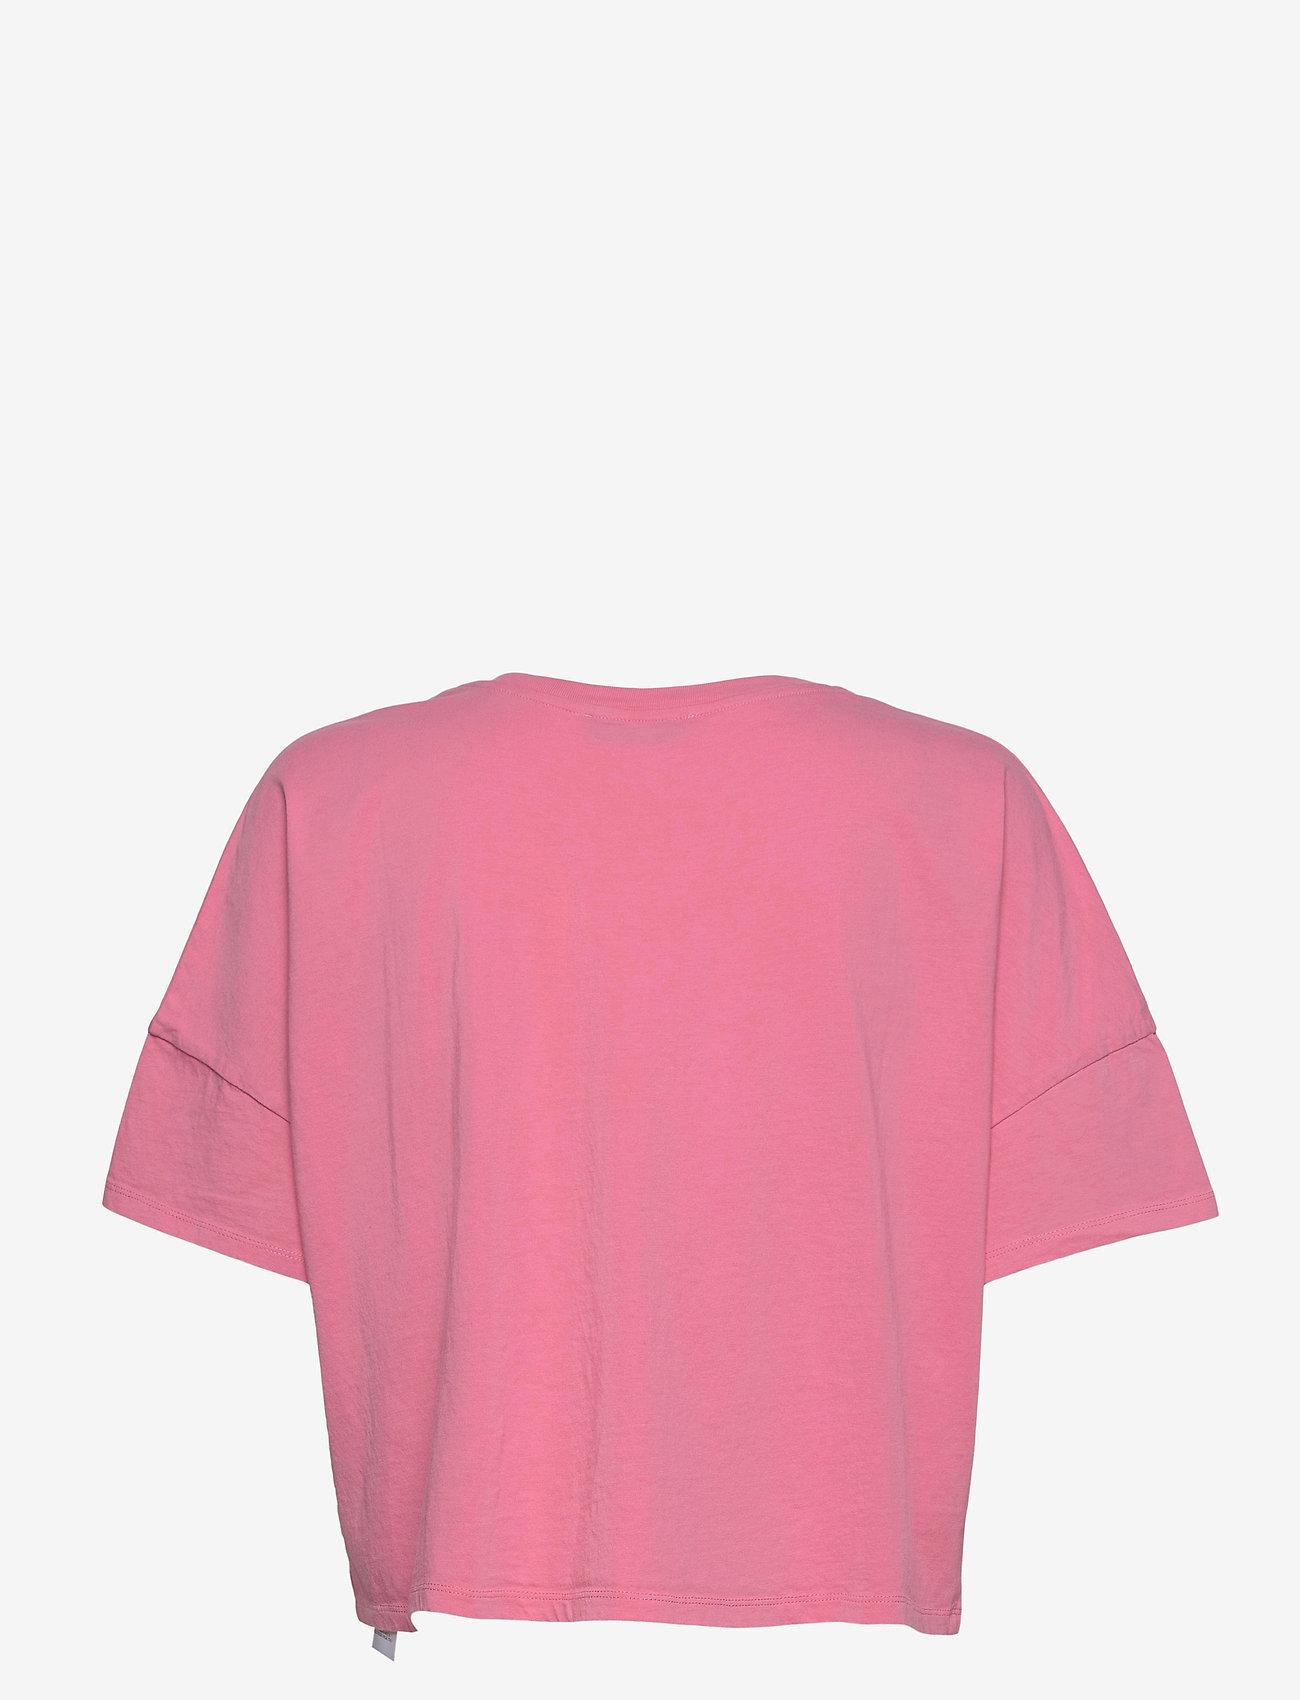 Max&Co. - DAVVERO - navel shirts - fuchsia - 1